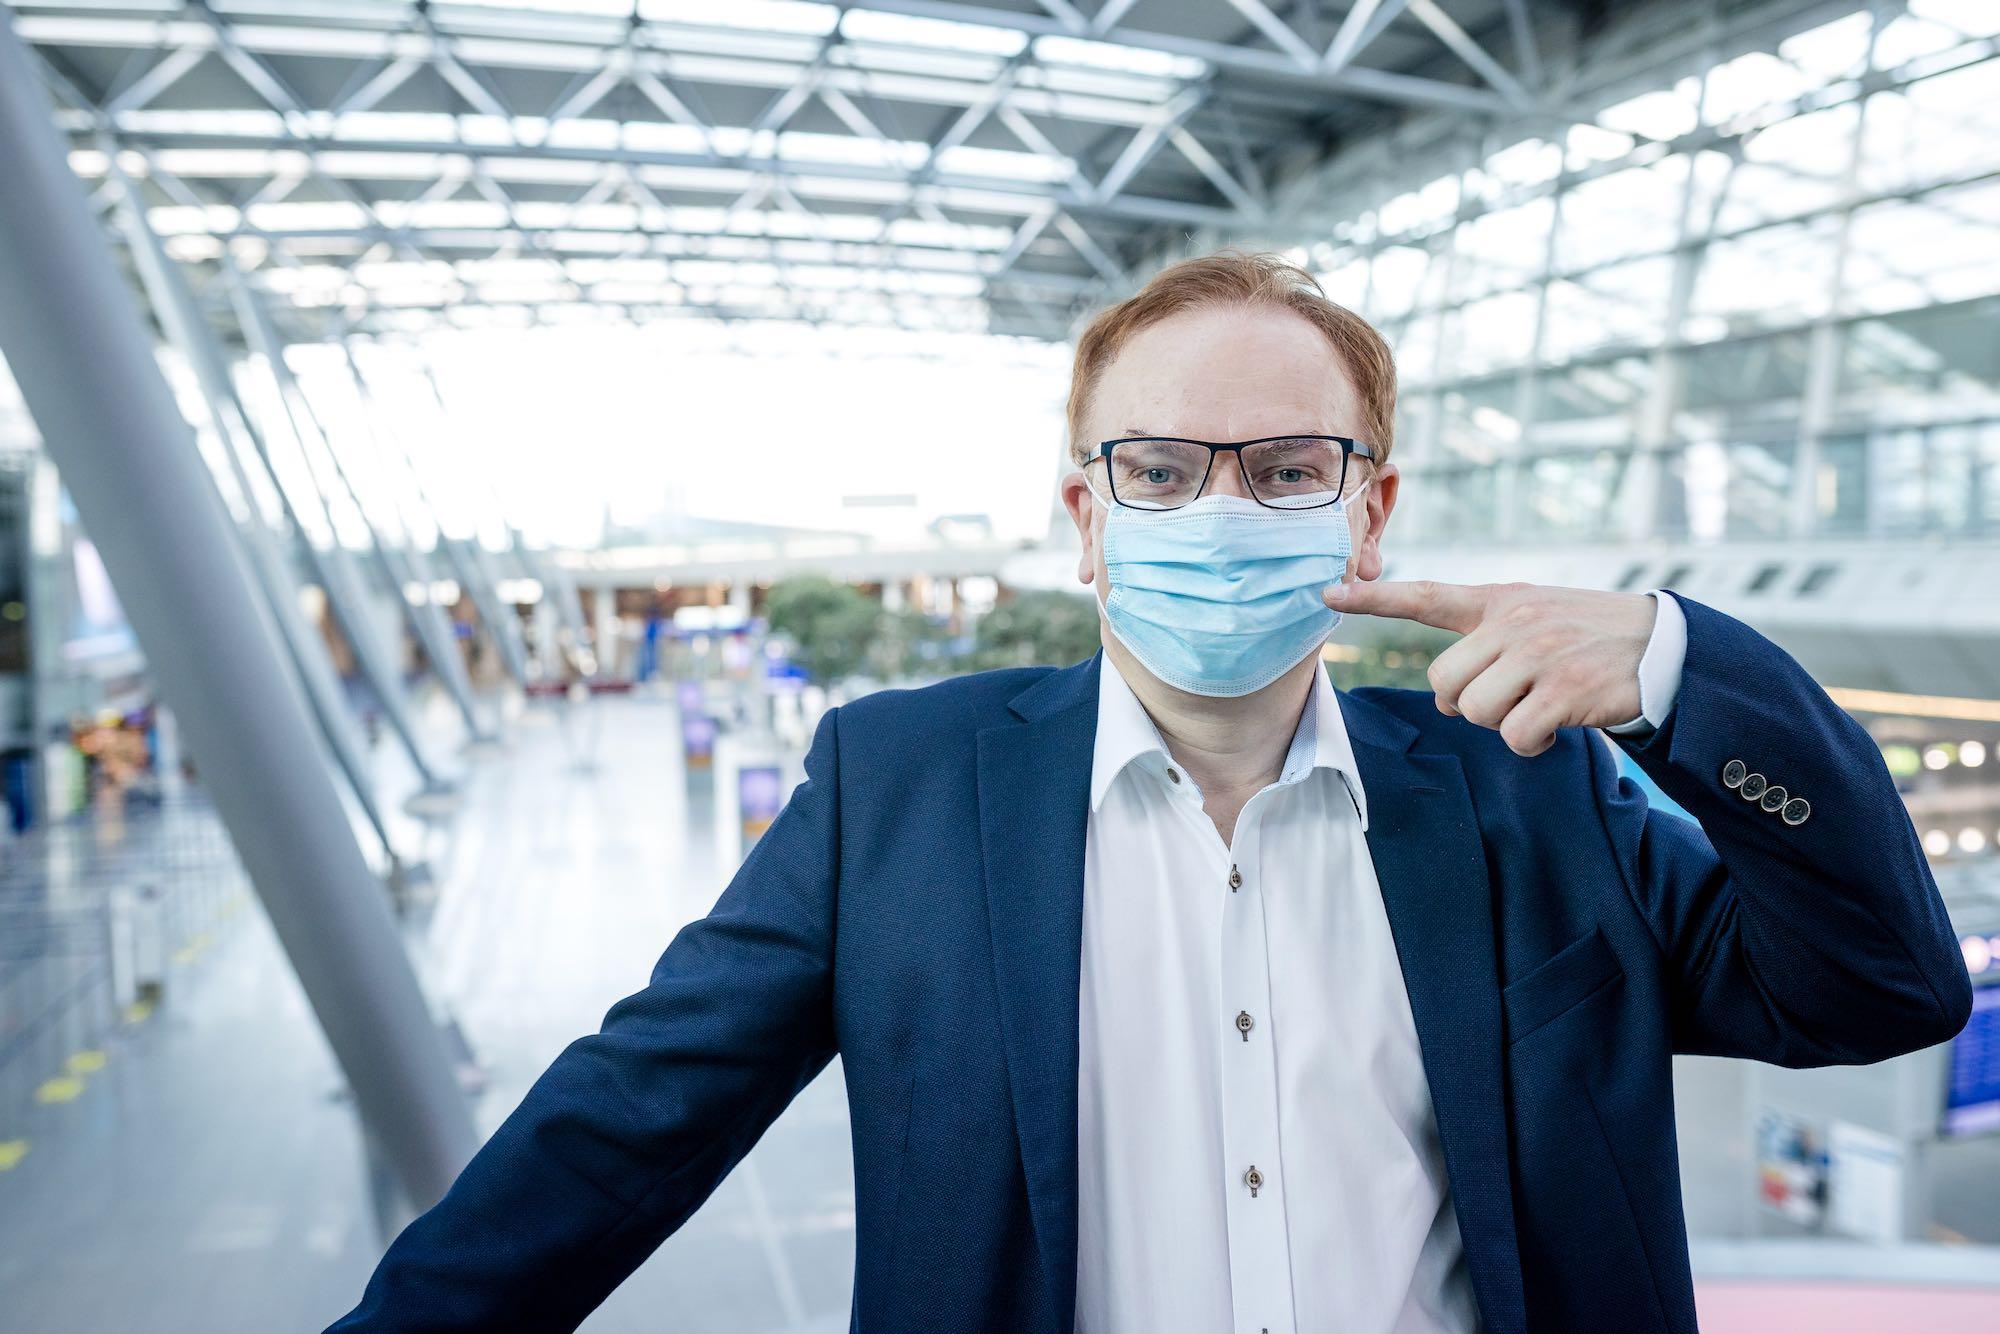 Wolfgang-Schmid-Flughafen-mit-Maske-1